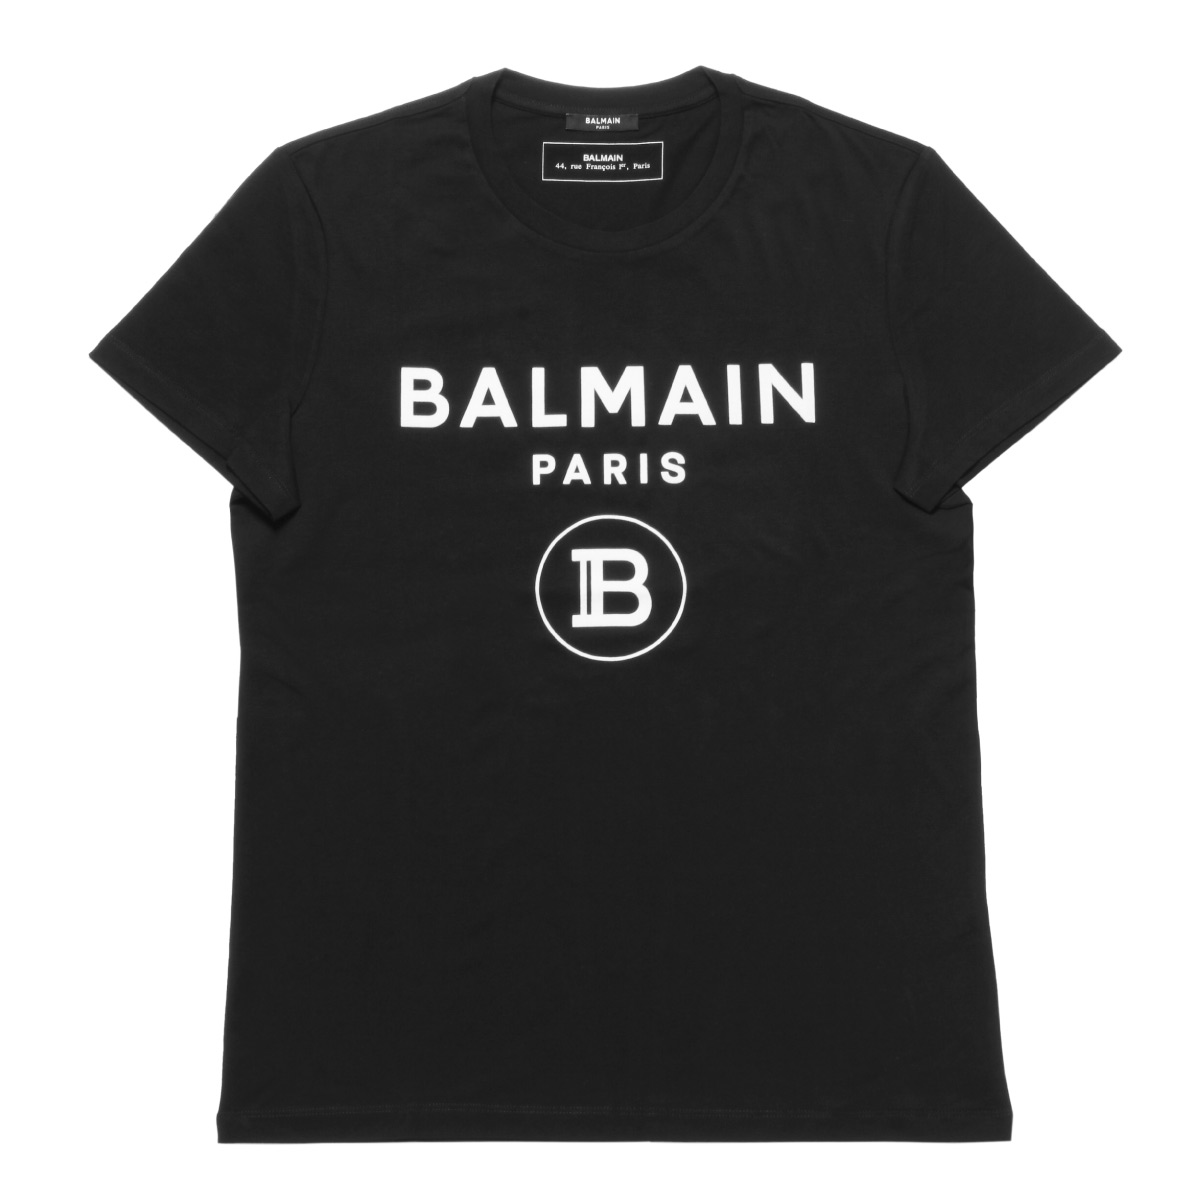 バルマン BALMAIN Tシャツ メンズ TH11601I245 0PA 半袖Tシャツ NOIR ブラック